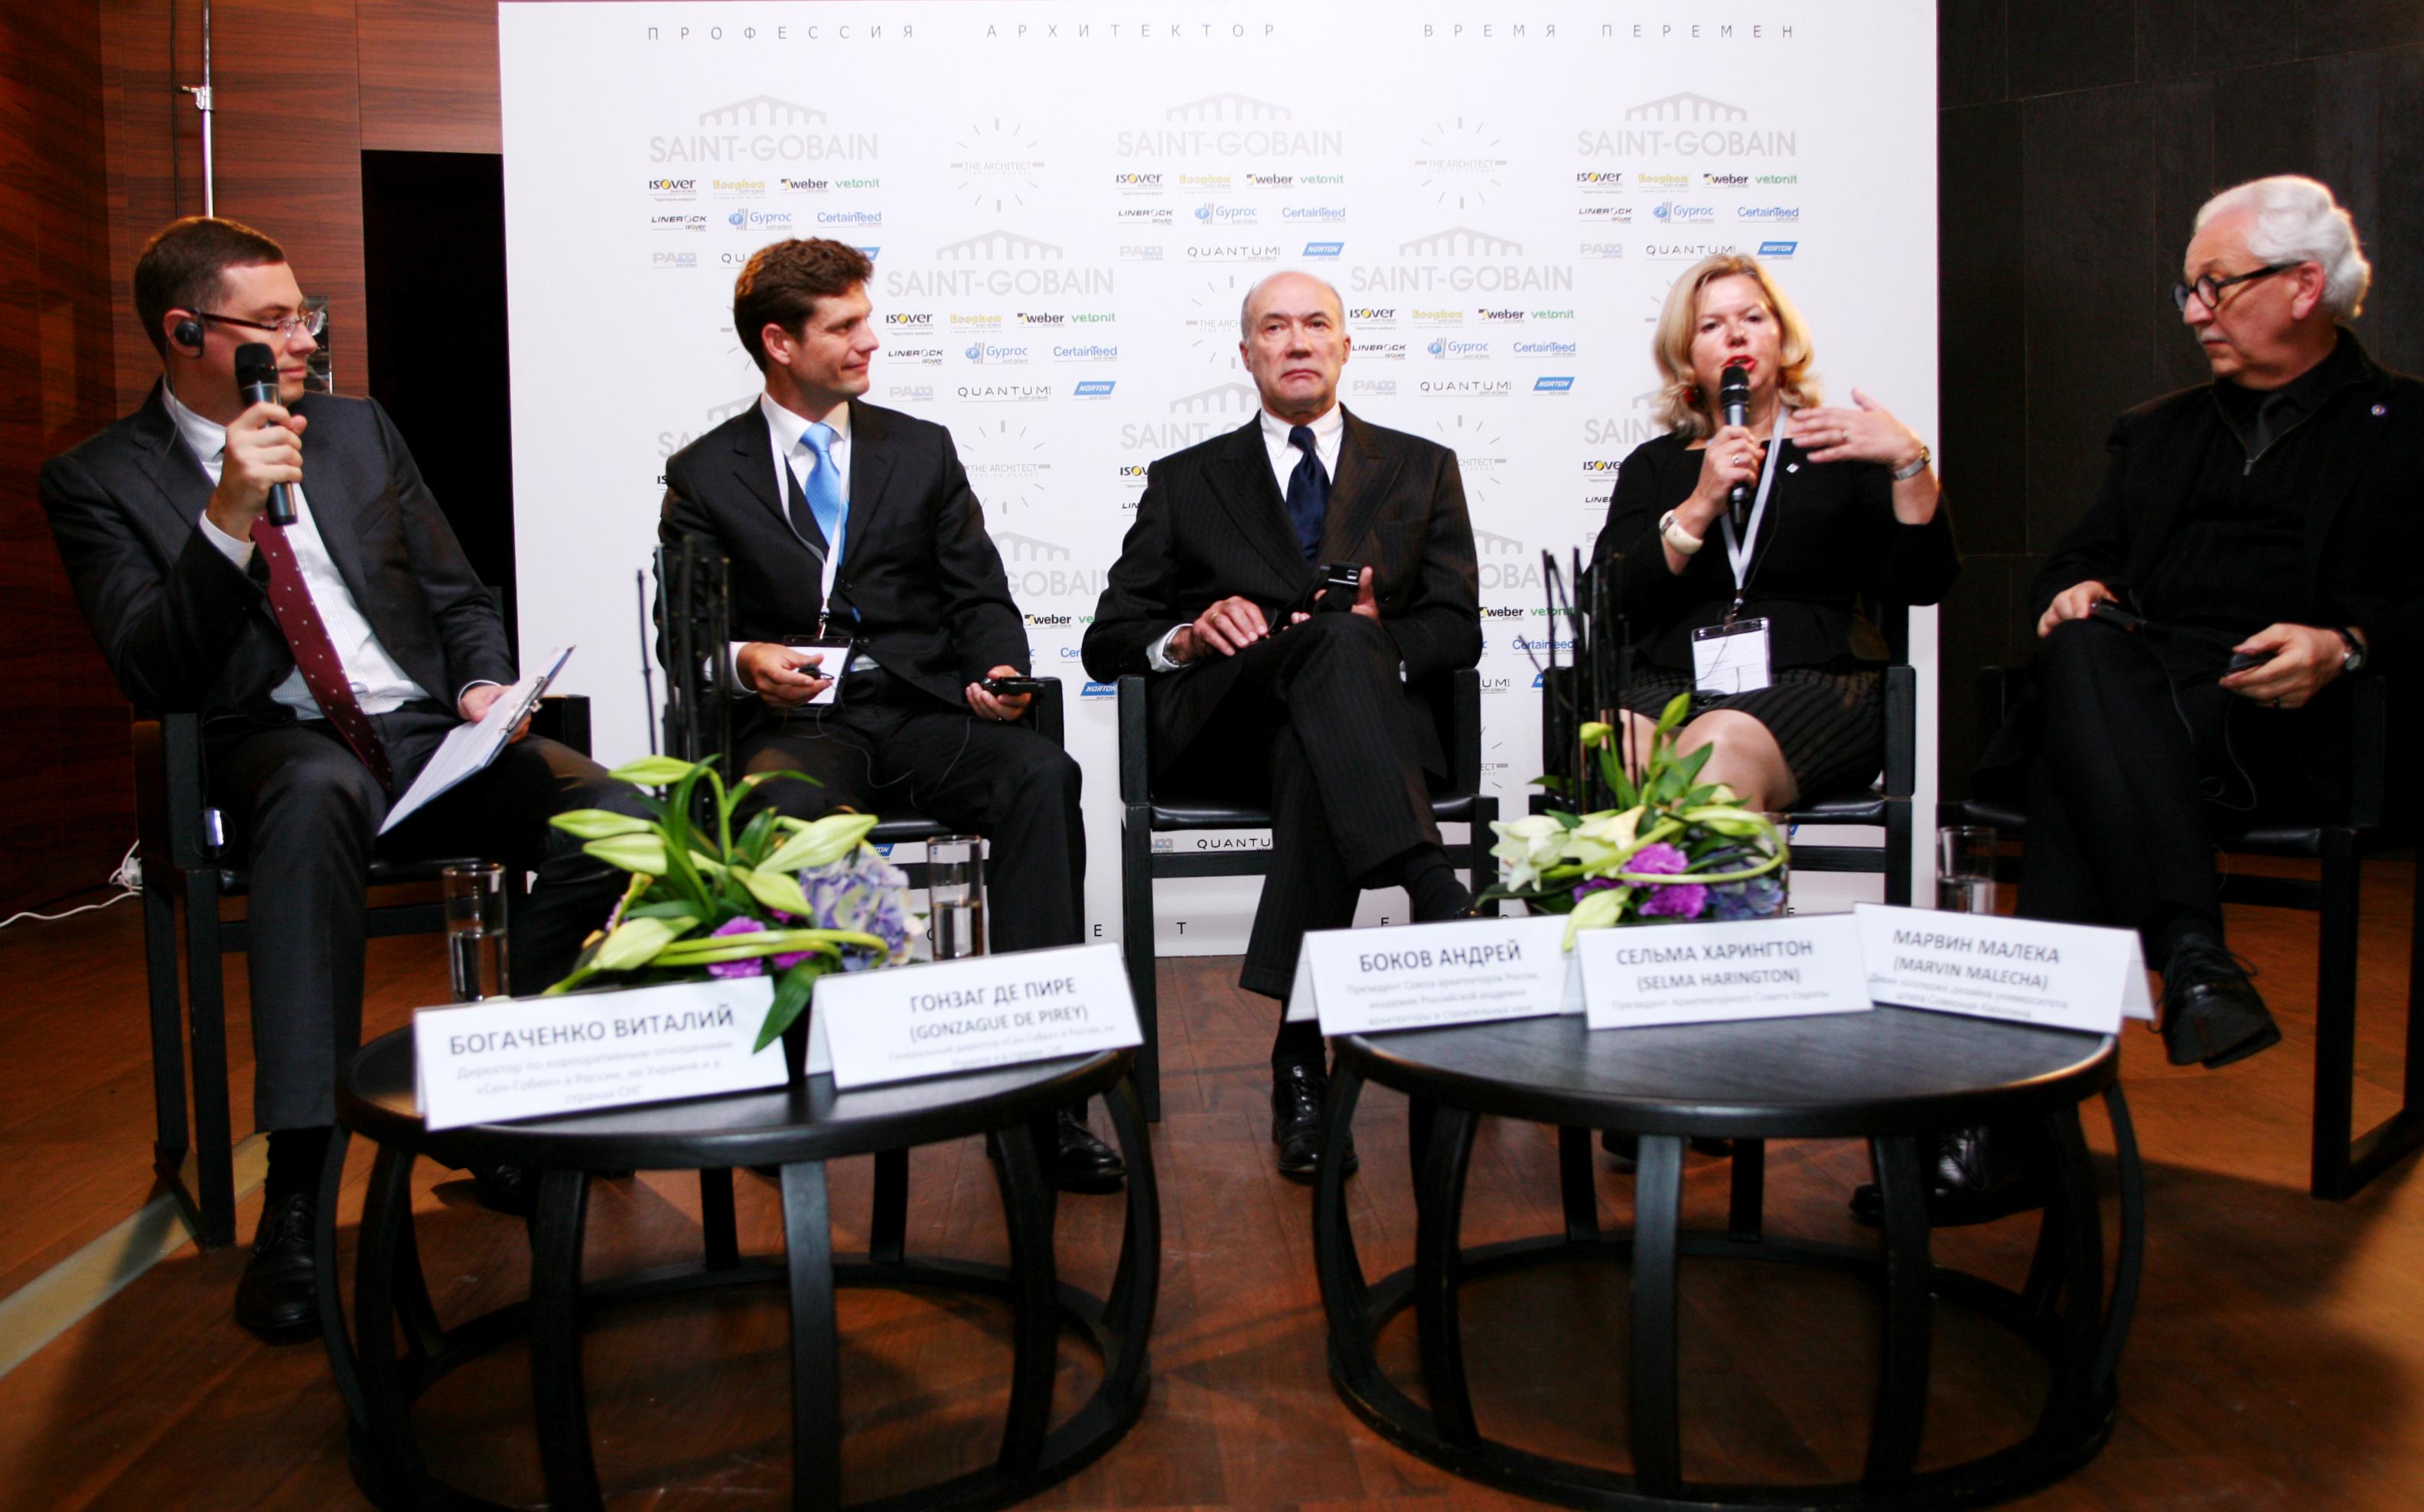 Состоялась первая Международная конференция «Профессия архитектор. Время перемен»